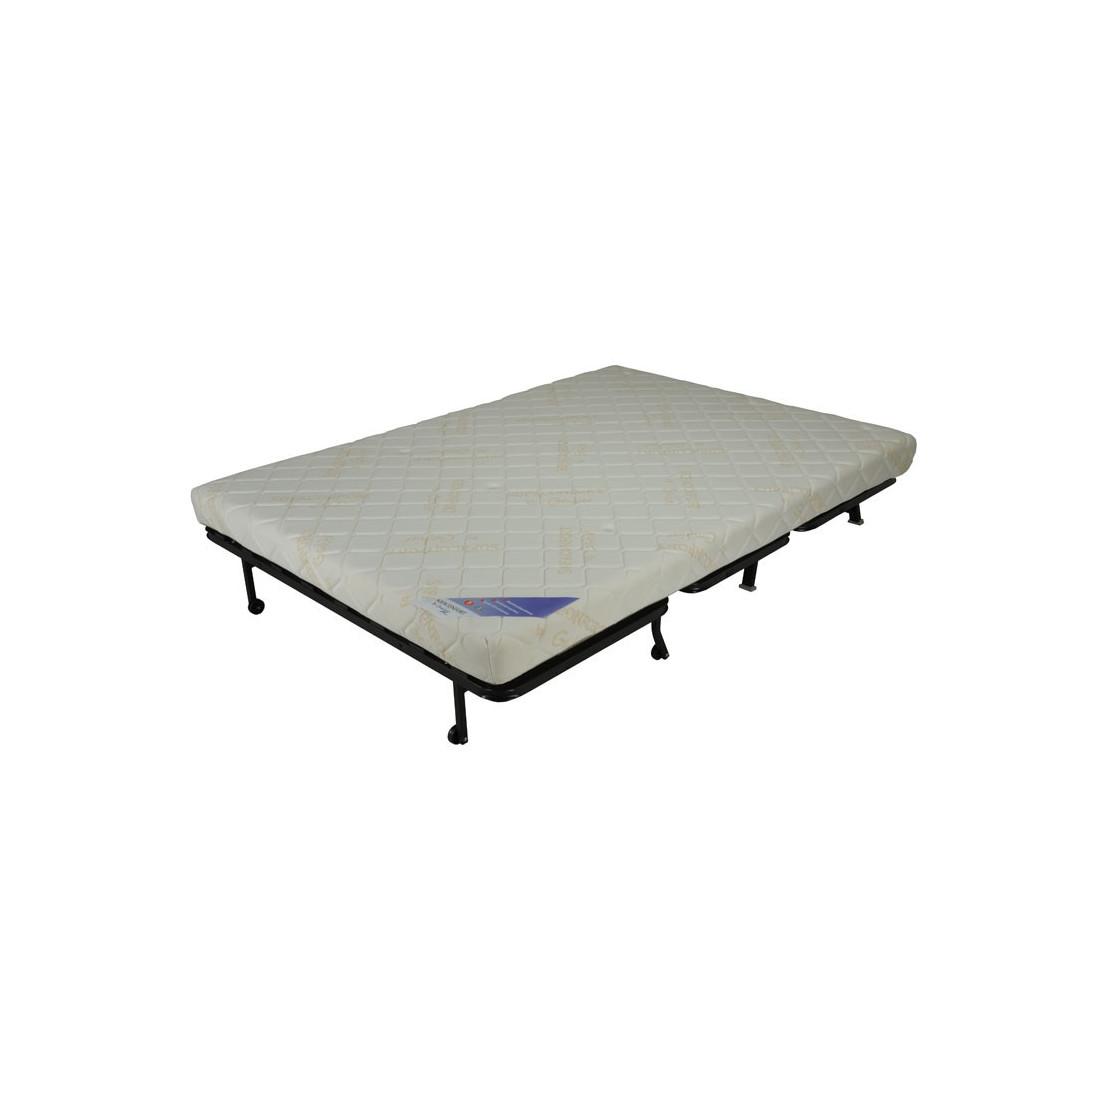 banquette lit bz tissu noir uni coussins matelas hr 160 cm speed capy. Black Bedroom Furniture Sets. Home Design Ideas